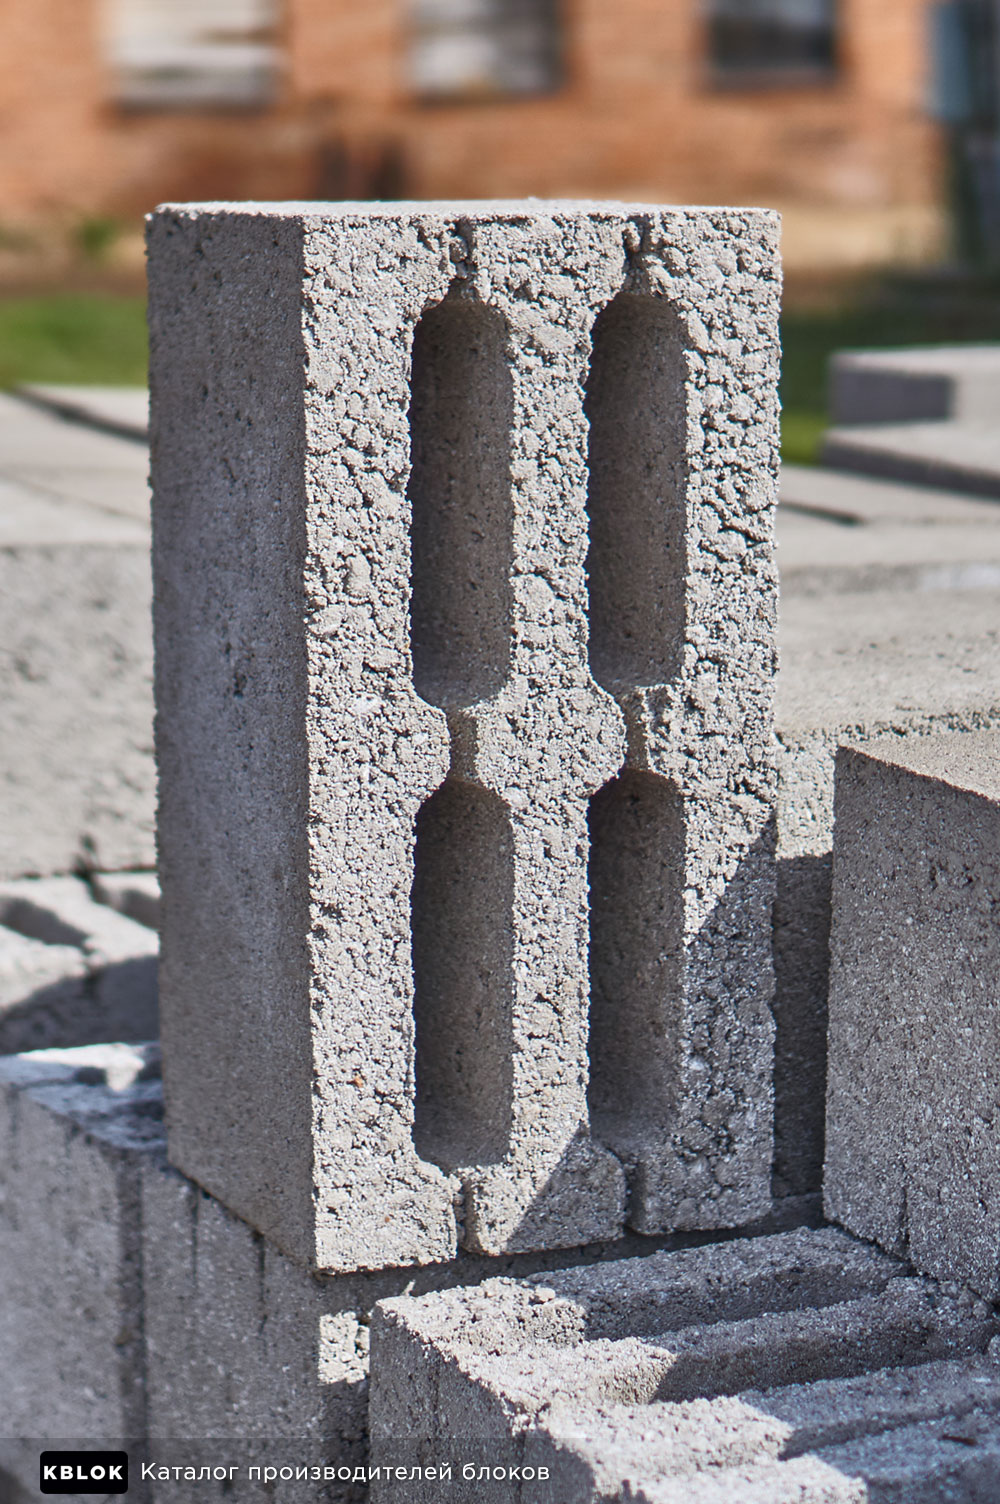 Геометрия четырехщелевого блока